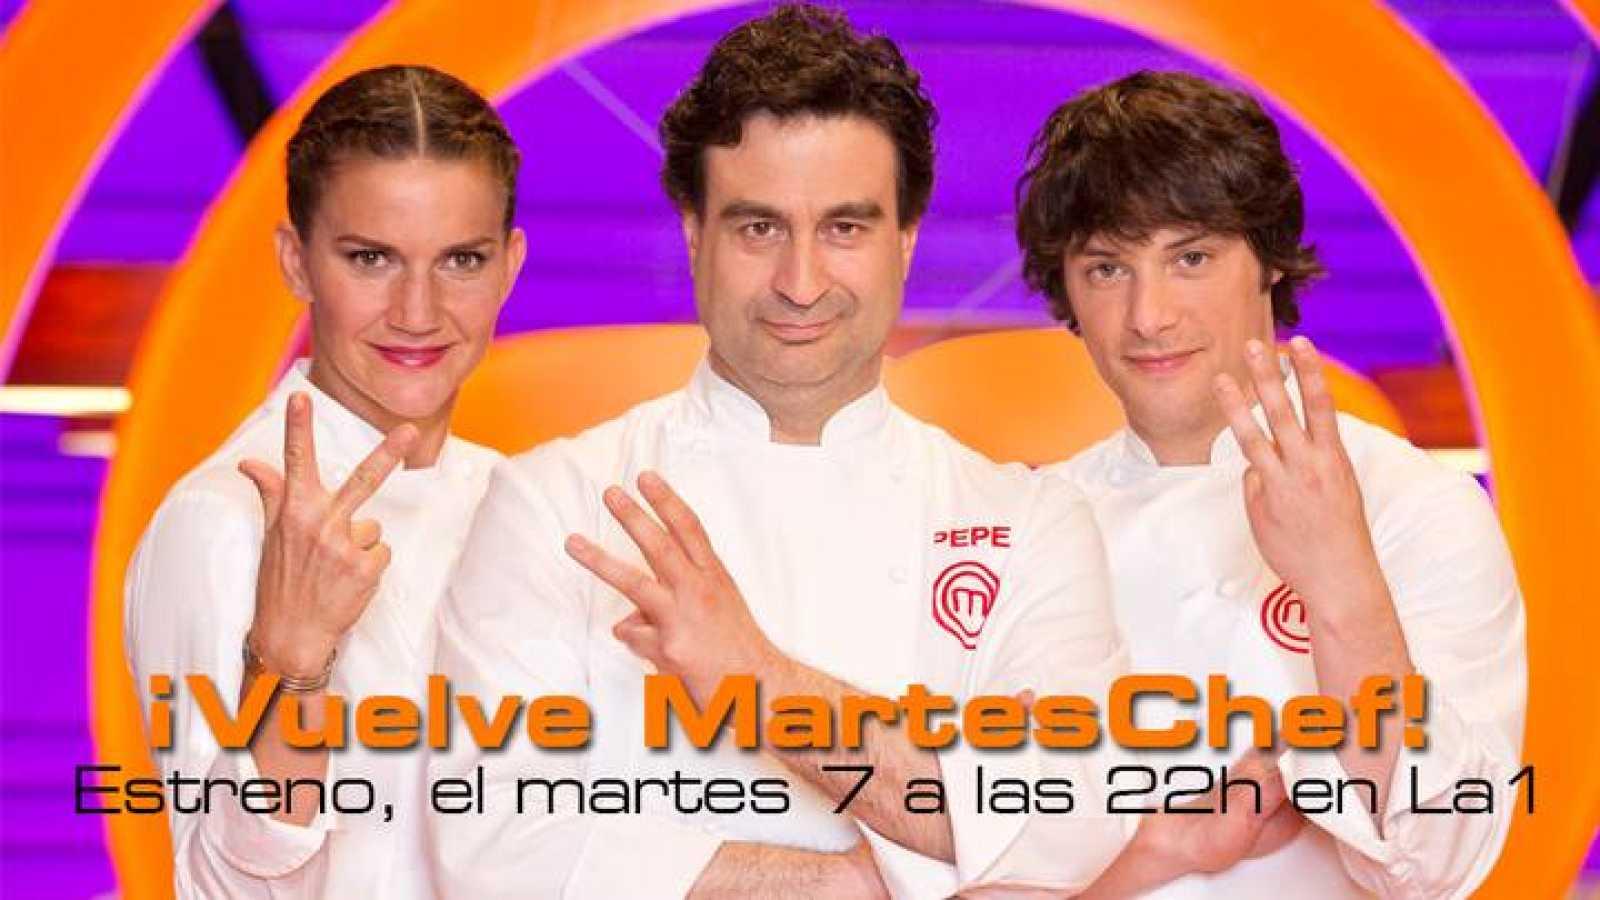 TVE estrena MasterChef 3 el martes, 7 de abril